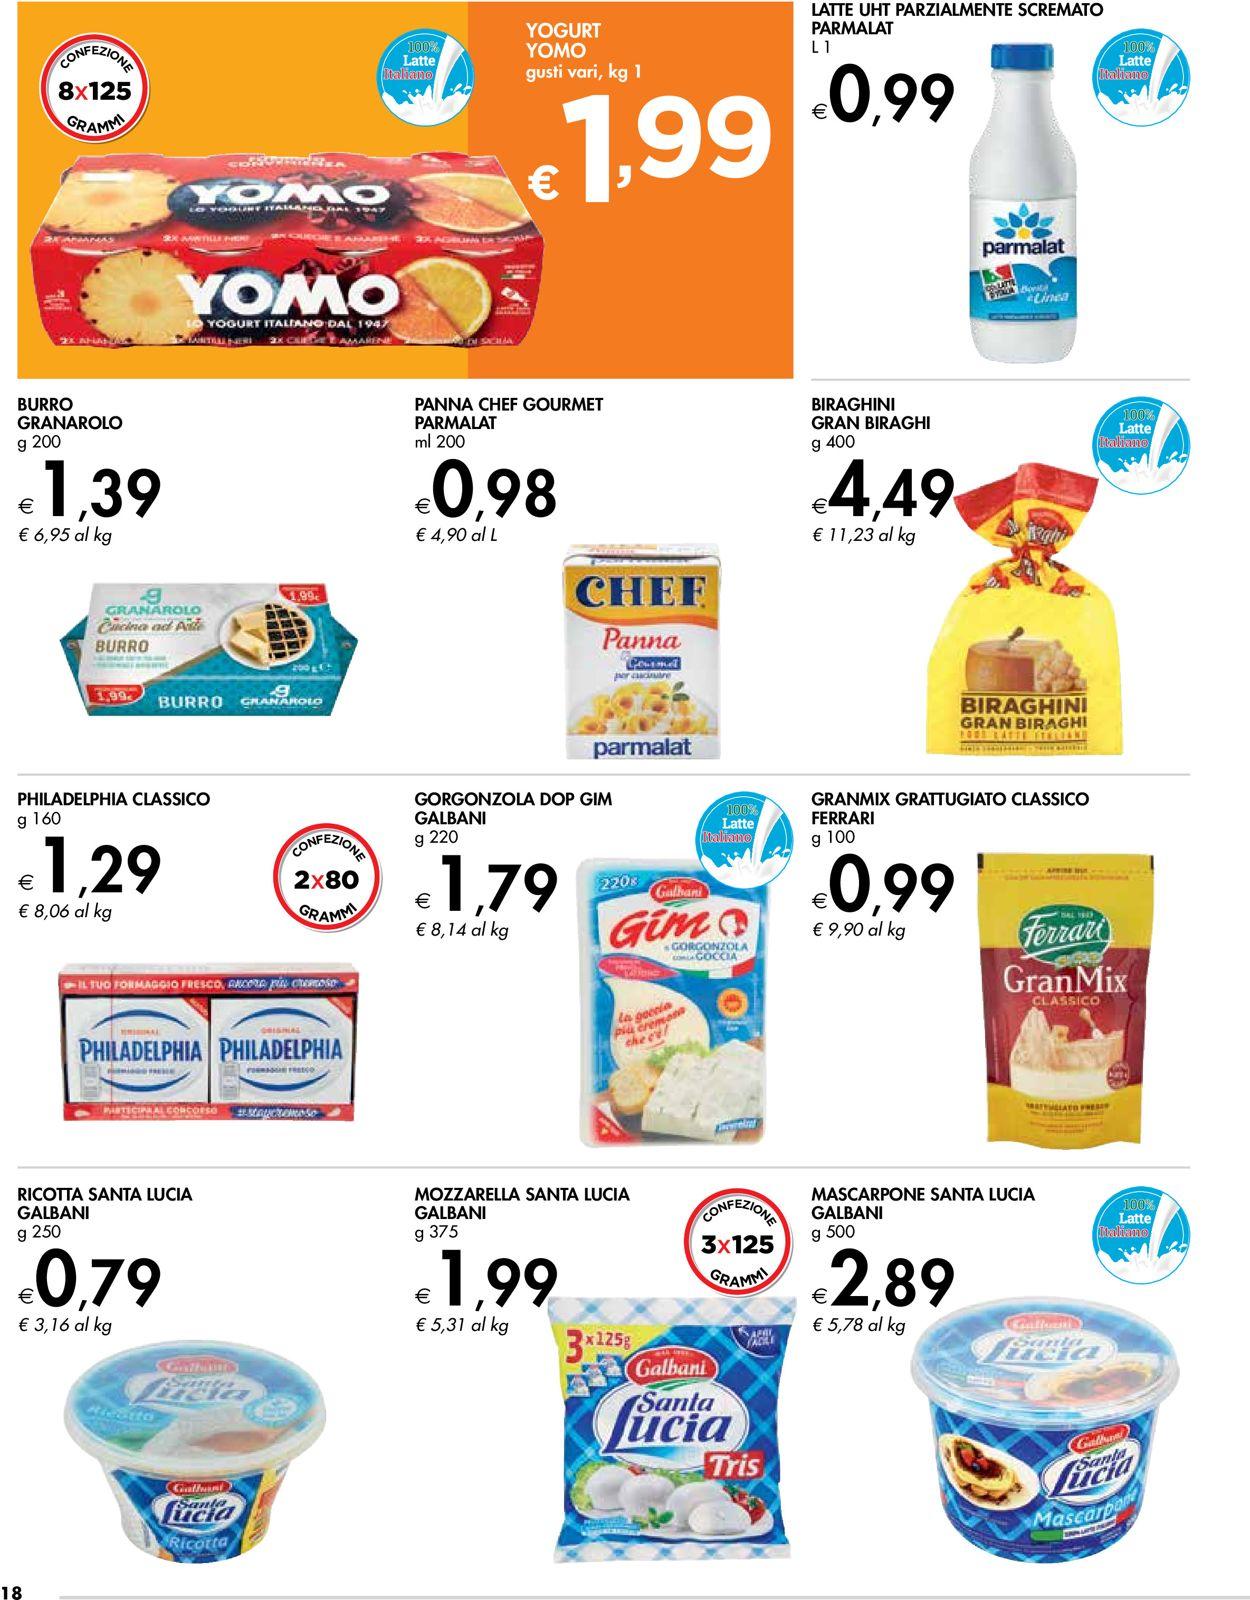 Volantino bennet - Pasqua 2021! - Offerte 22/03-05/04/2021 (Pagina 19)